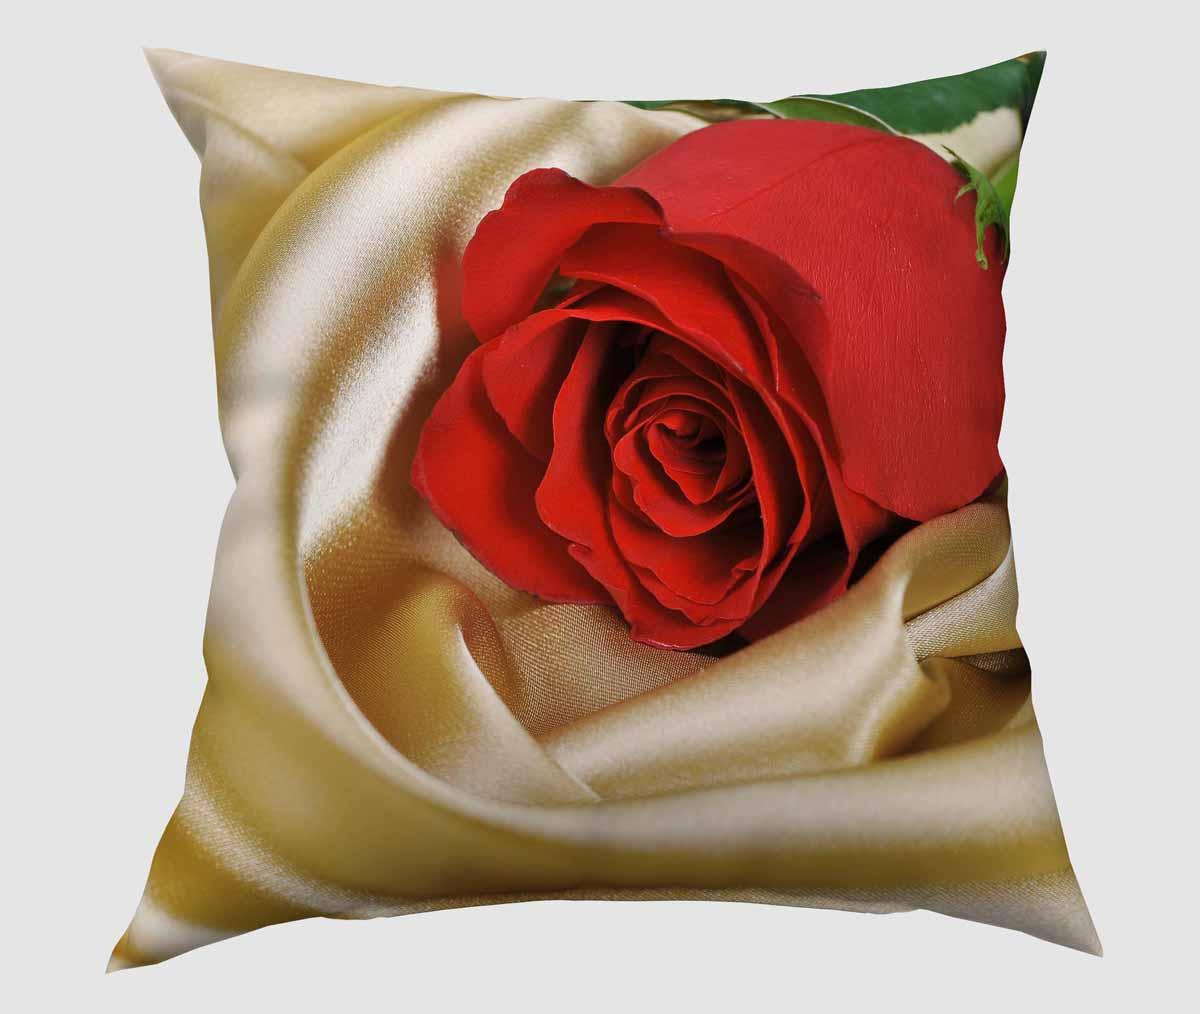 Подушка декоративная Сирень Красная роза, 40 х 40 смSVC-300Декоративная подушка Сирень Красная роза, изготовленная из габардина (100% полиэстер), прекрасно дополнит интерьер спальни или гостиной. Подушка оформлена красочным изображением. Внутри - мягкий наполнитель из холлофайбера (100% полиэстер). Красивая подушка создаст атмосферу тепла и уюта в спальне и станет прекрасным элементом декора.